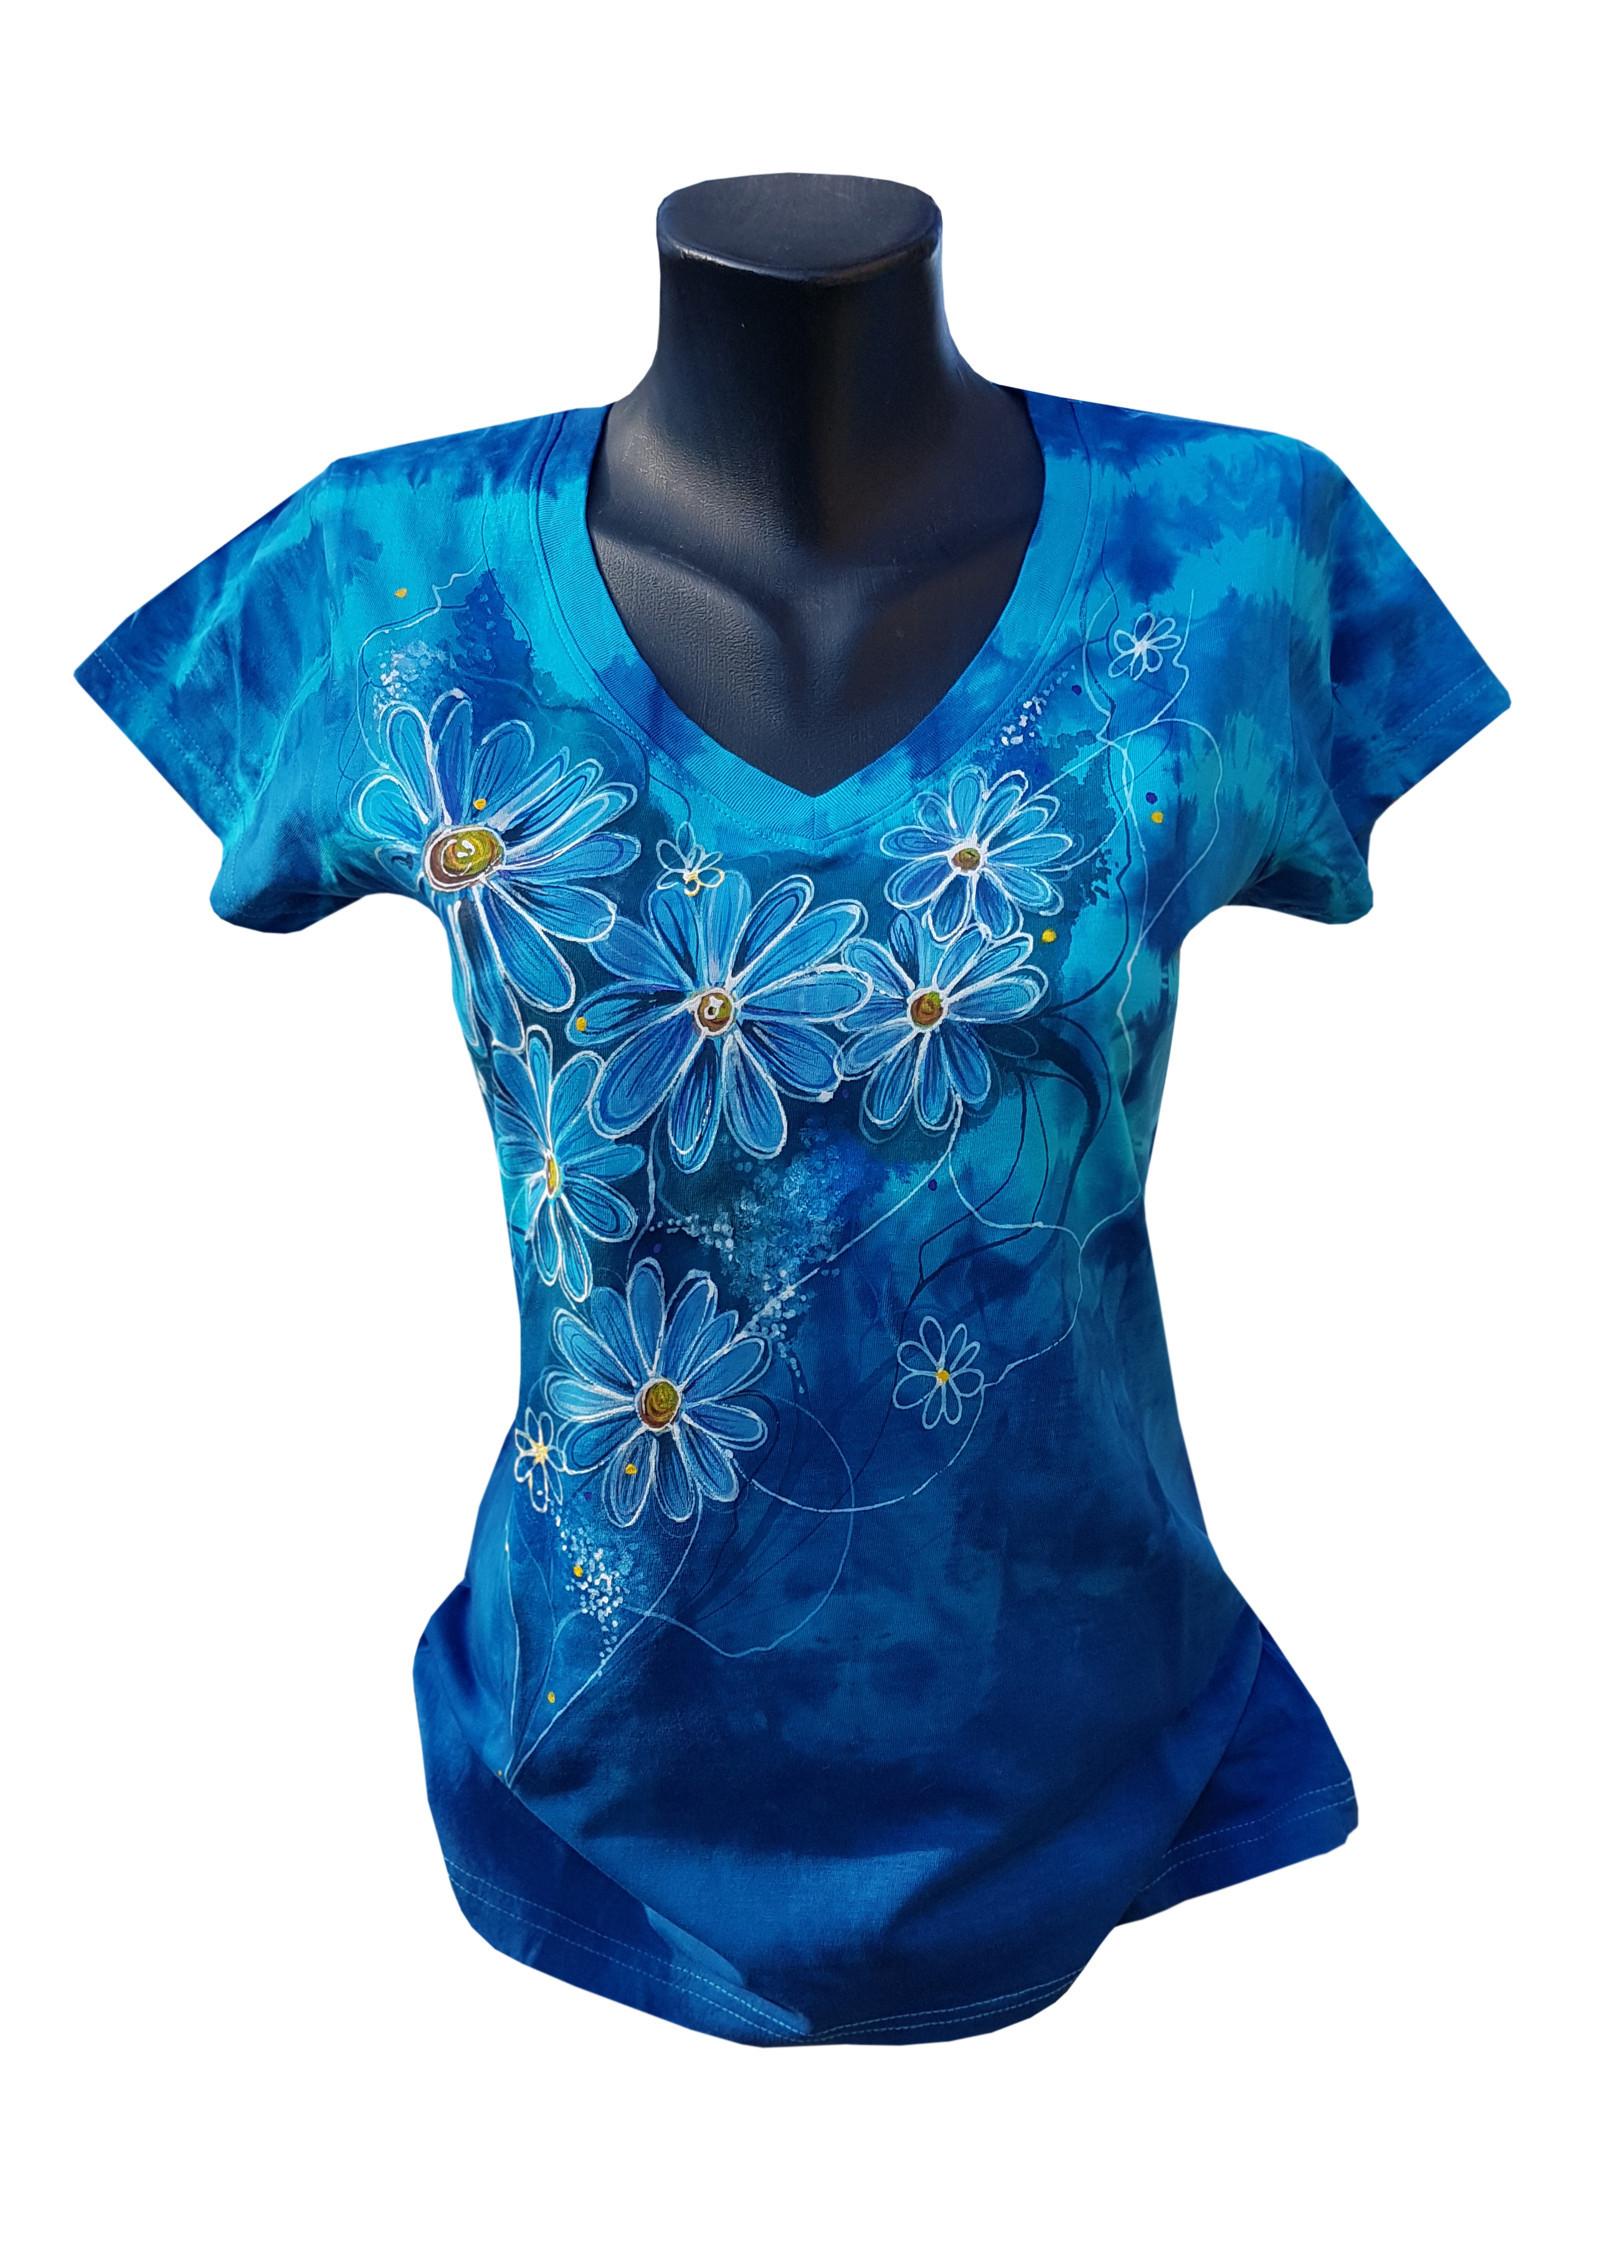 2c7e307a1e7 Tmavě modré tričko s kopretinami- ručně malované   Zboží prodejce ...